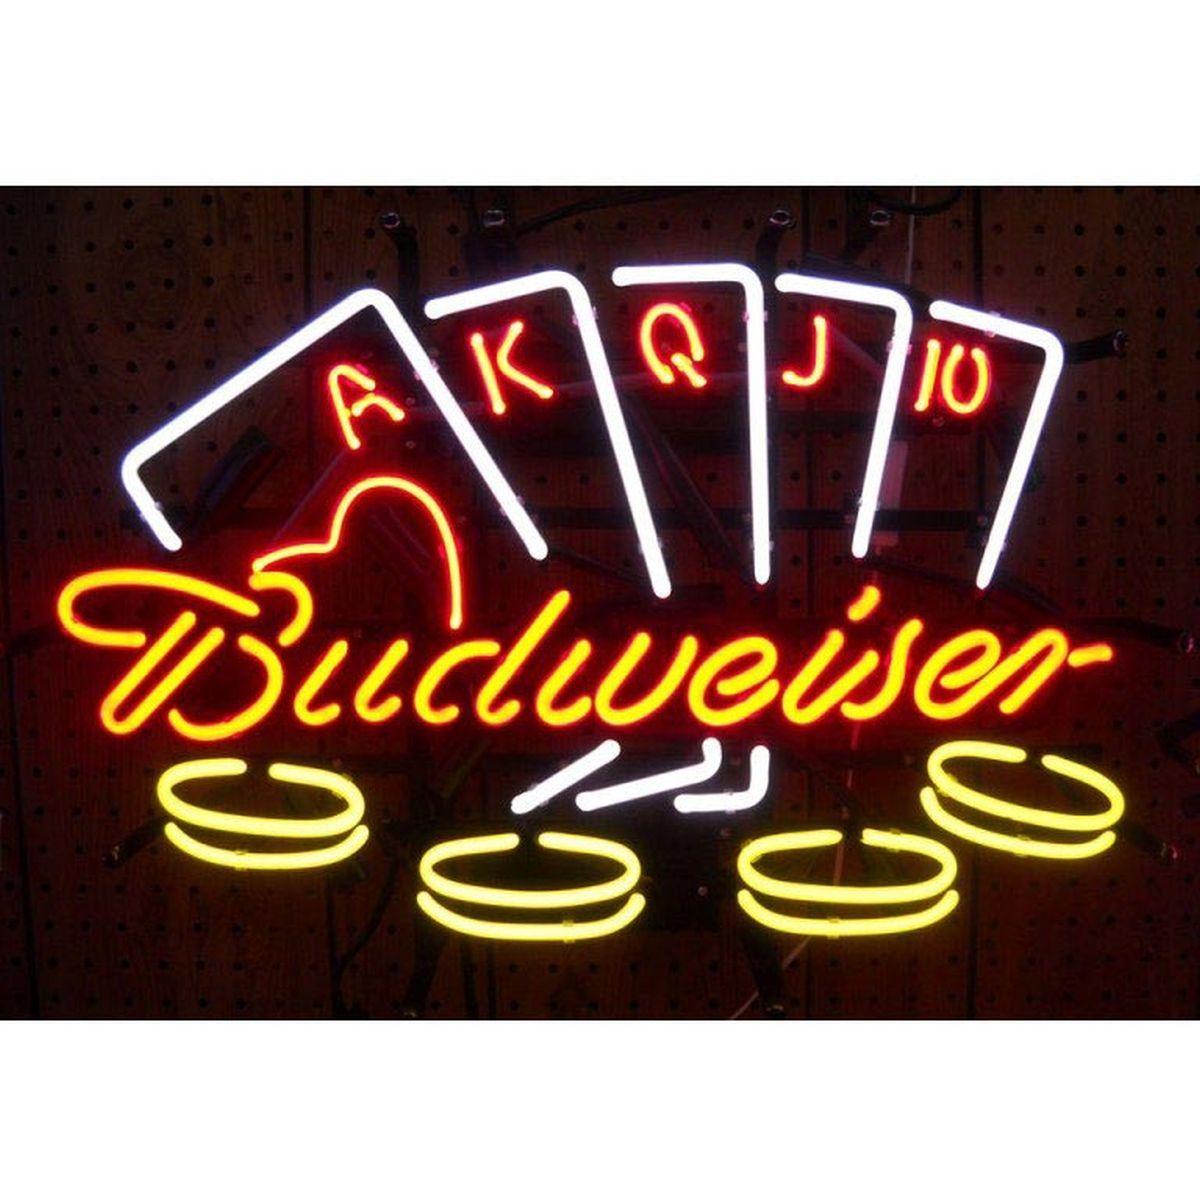 Budweiser Poker Neon Sign from ManCaveGiant.com | Neon